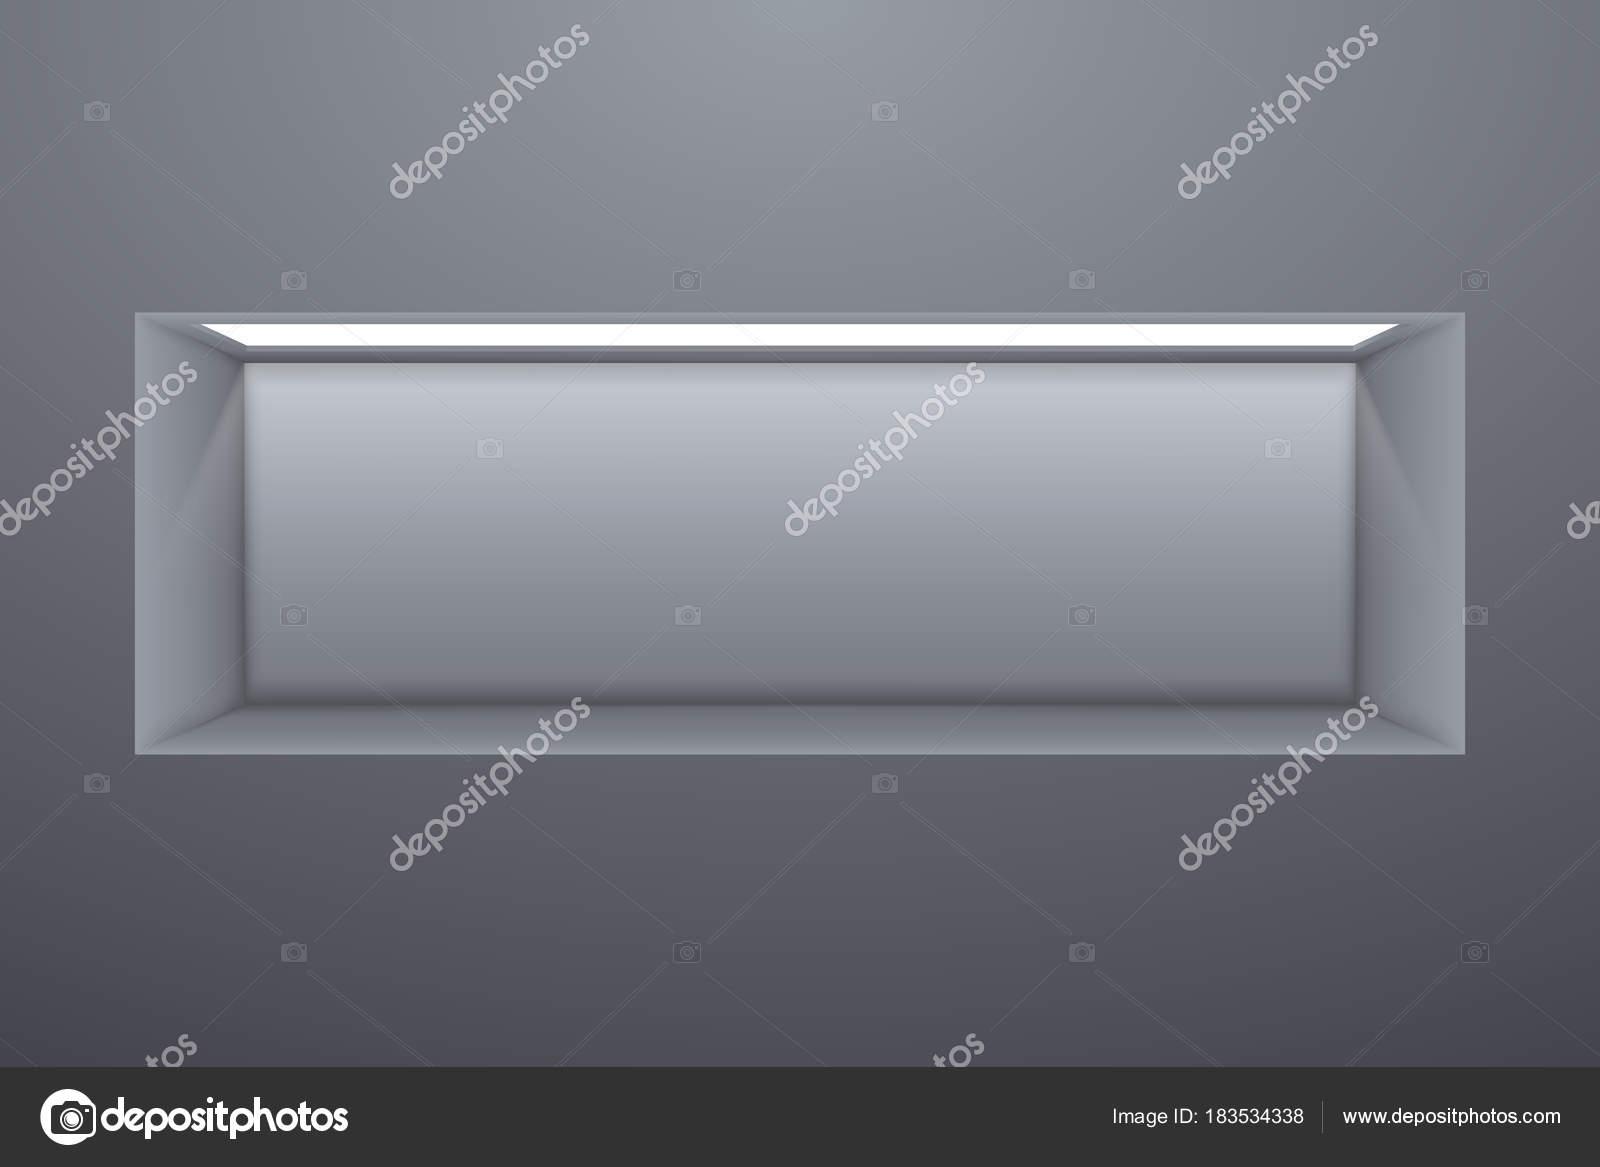 Mensola rettangolare con illuminazione all interno dello sfondo